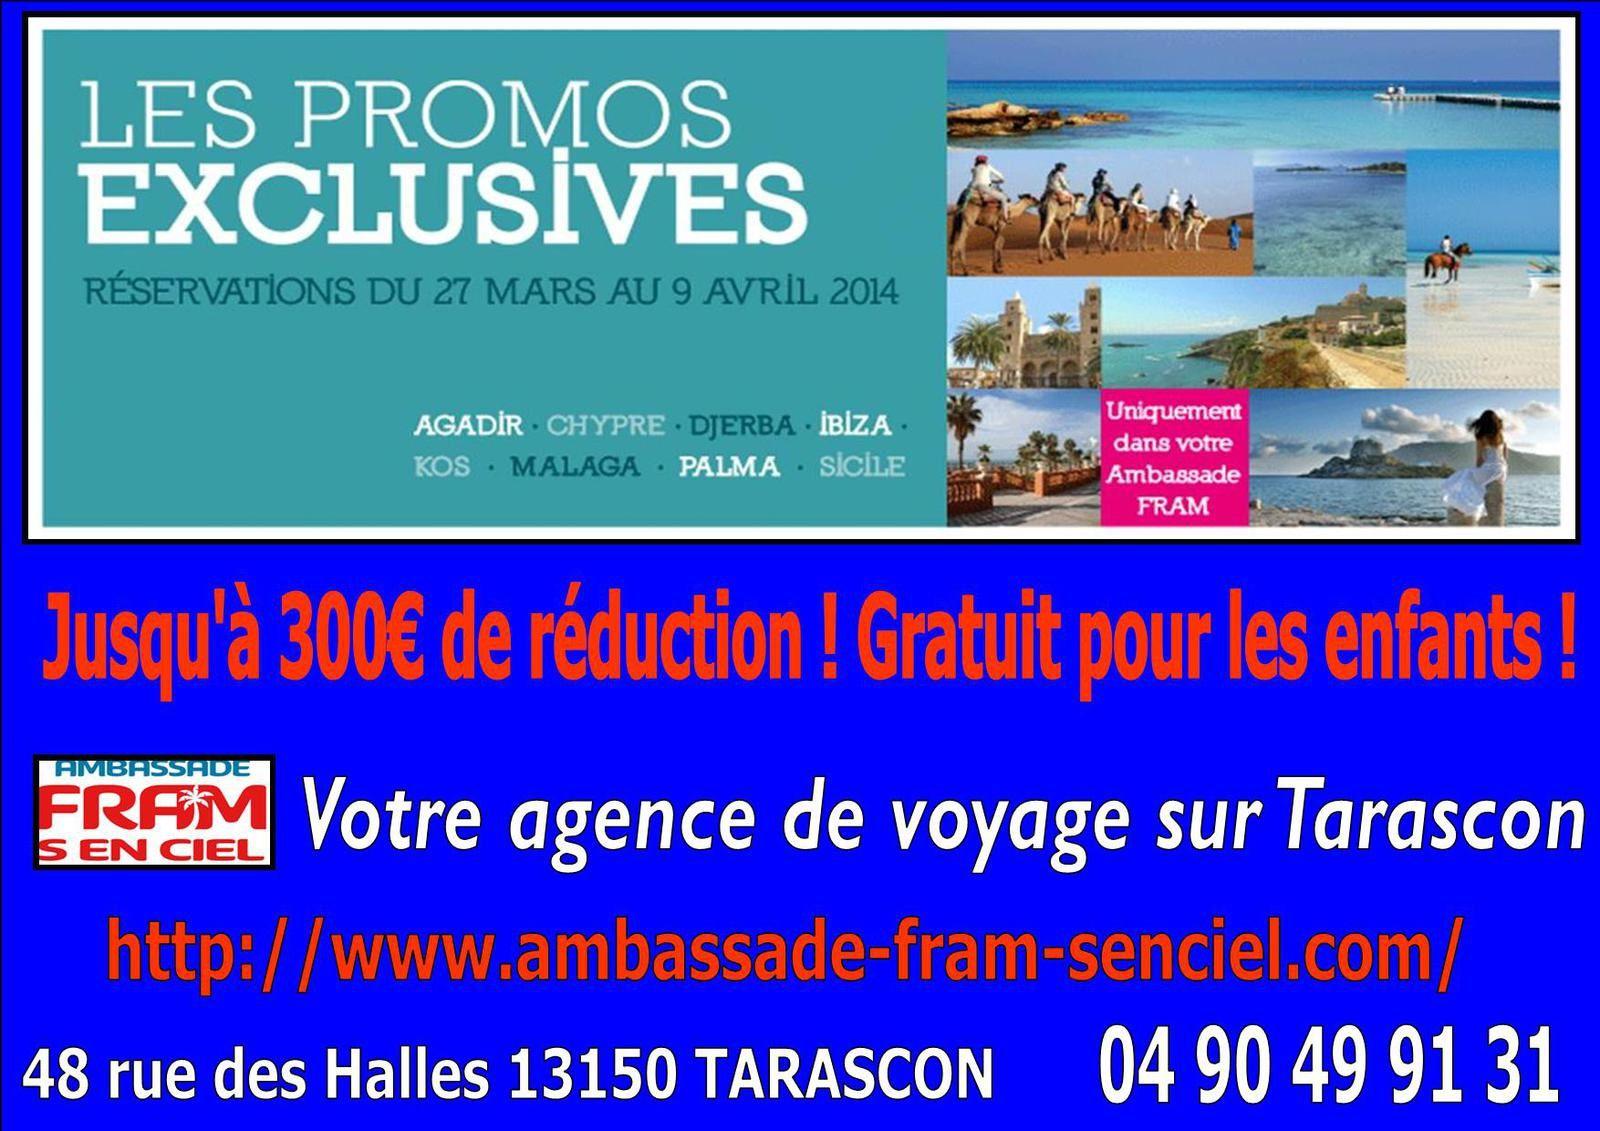 Votre agence de voyage sur Tarascon, rue des Halles. Venez vous renseigner !!